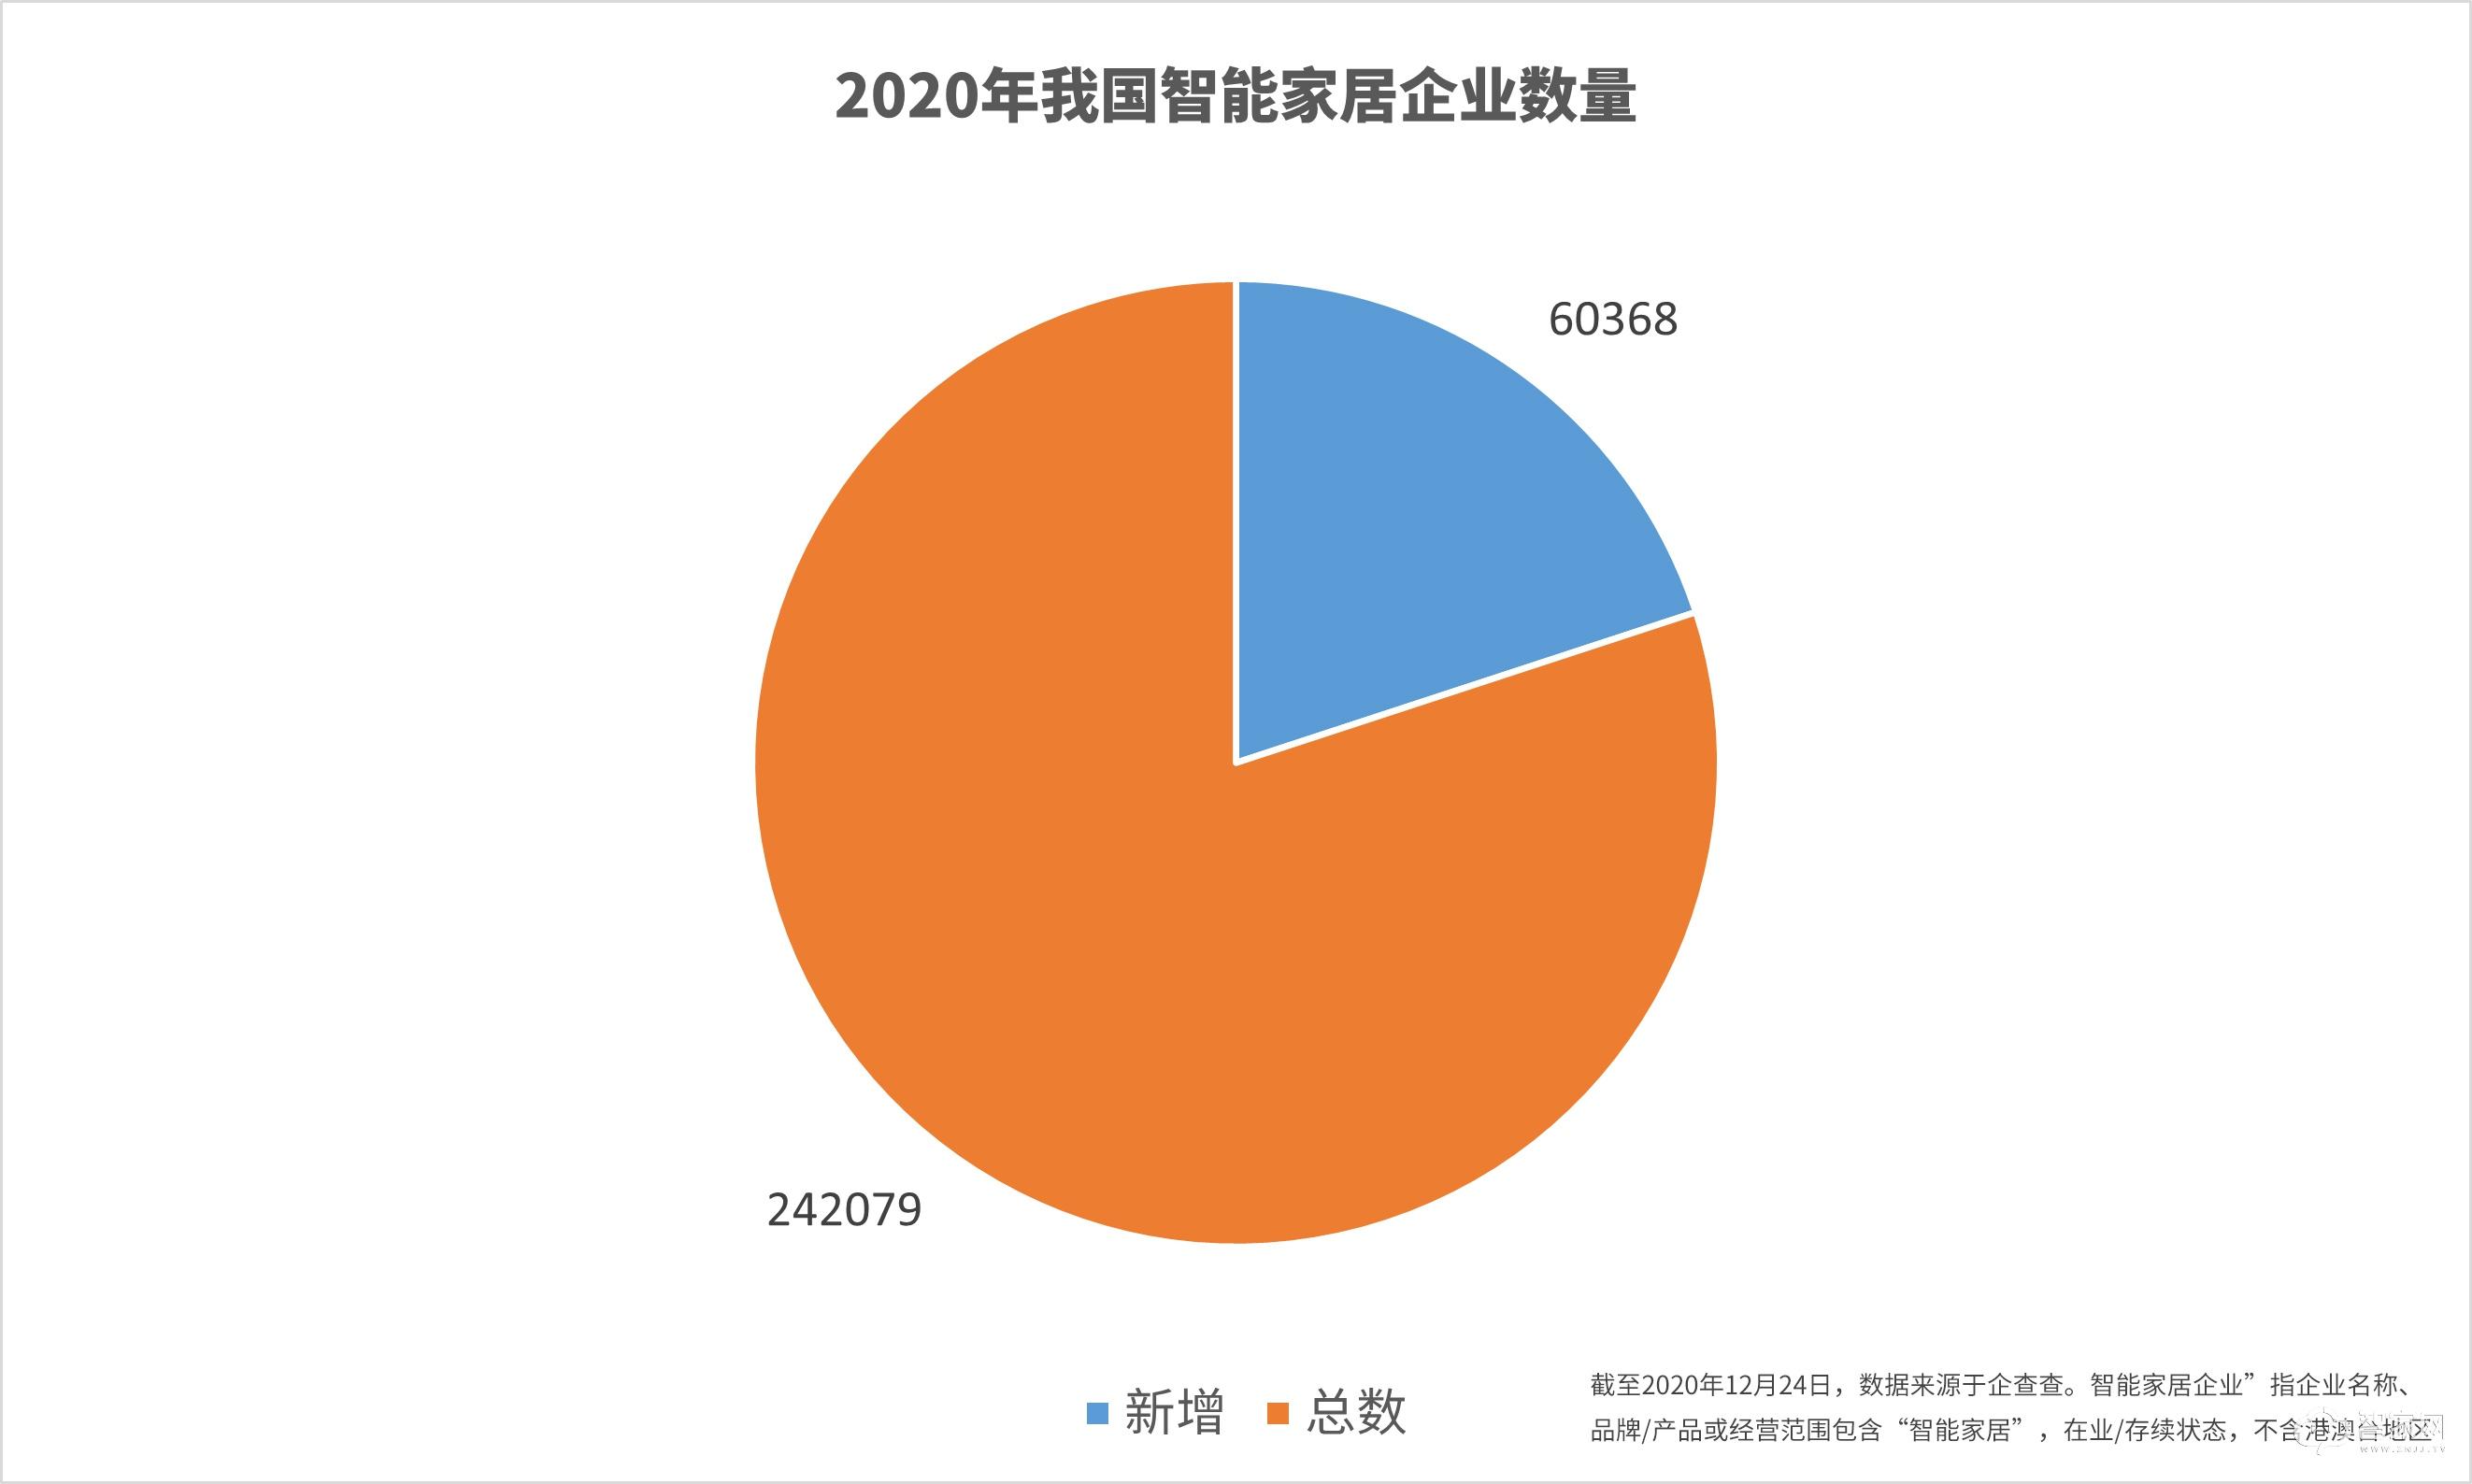 智家头条2020年度盘点:智能家居行业大数据报告